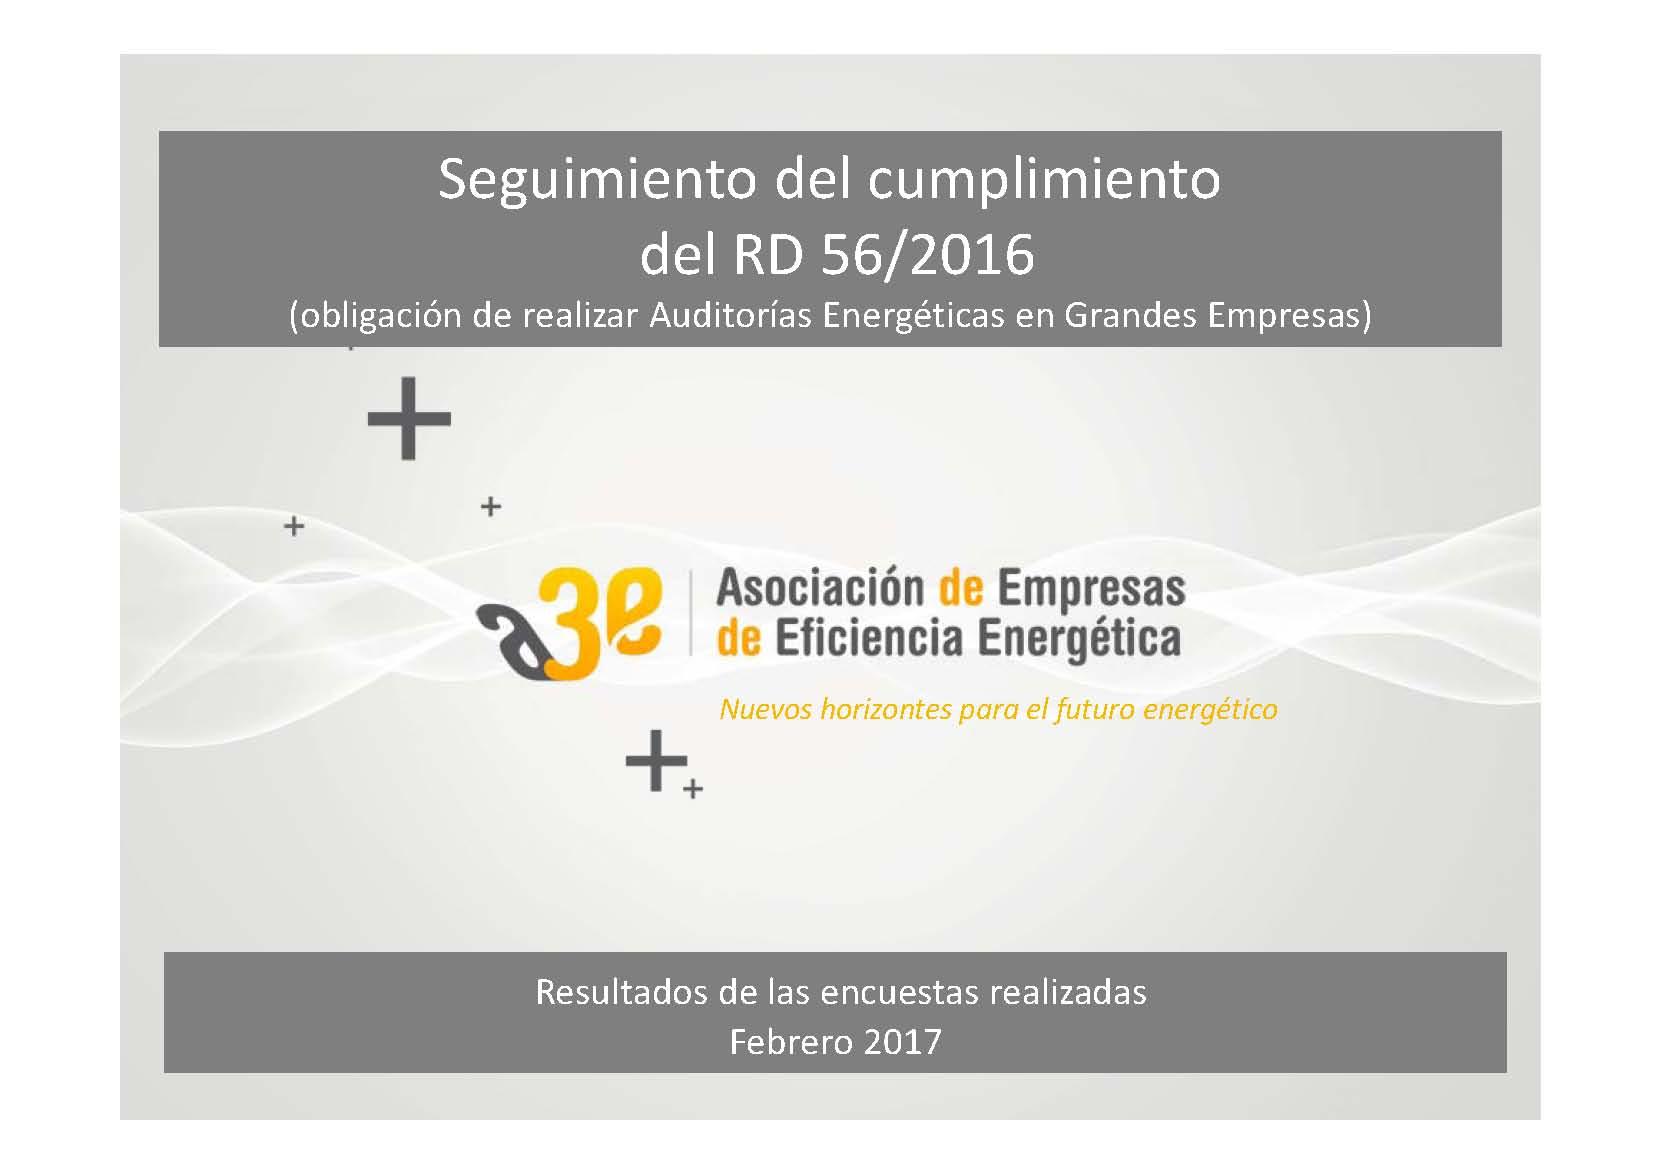 Resultado de las encuestas realizadas Febrero 2017. Seguimiento cumplimiento RD 56/2016